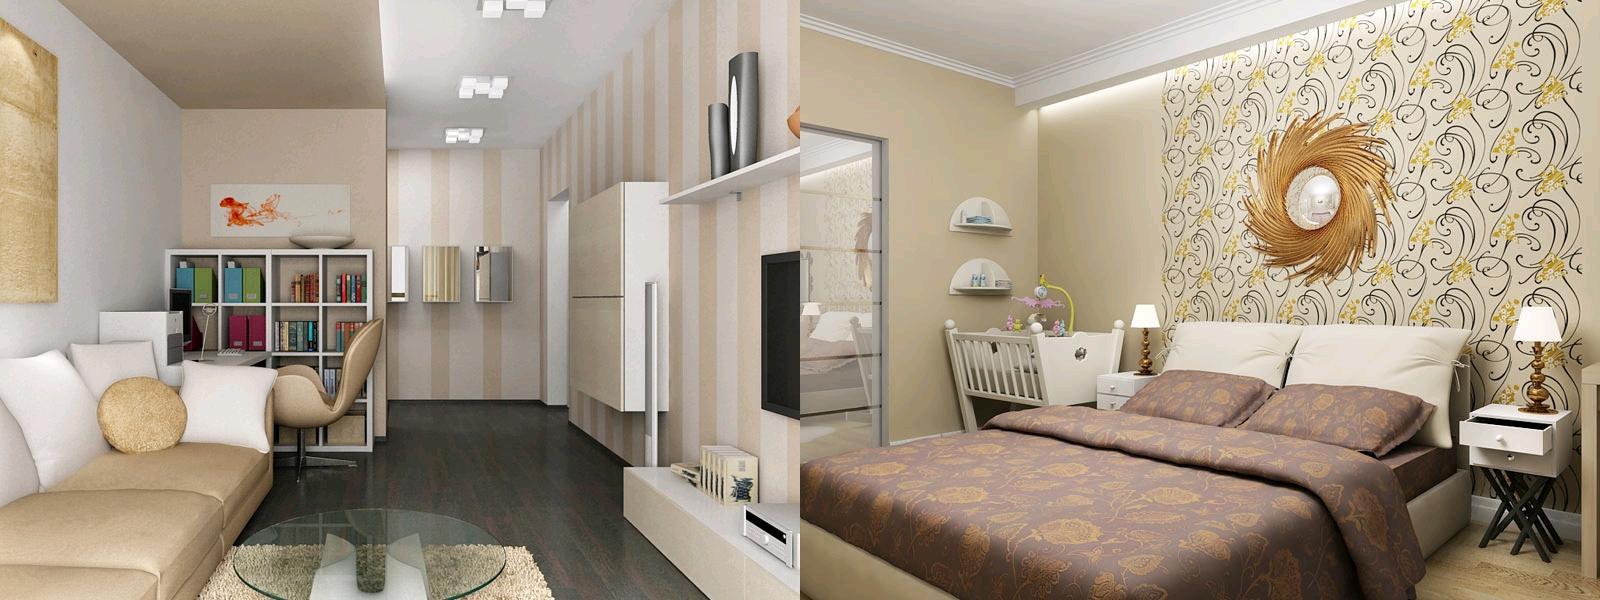 Фото дизайна 2 комн квартиры